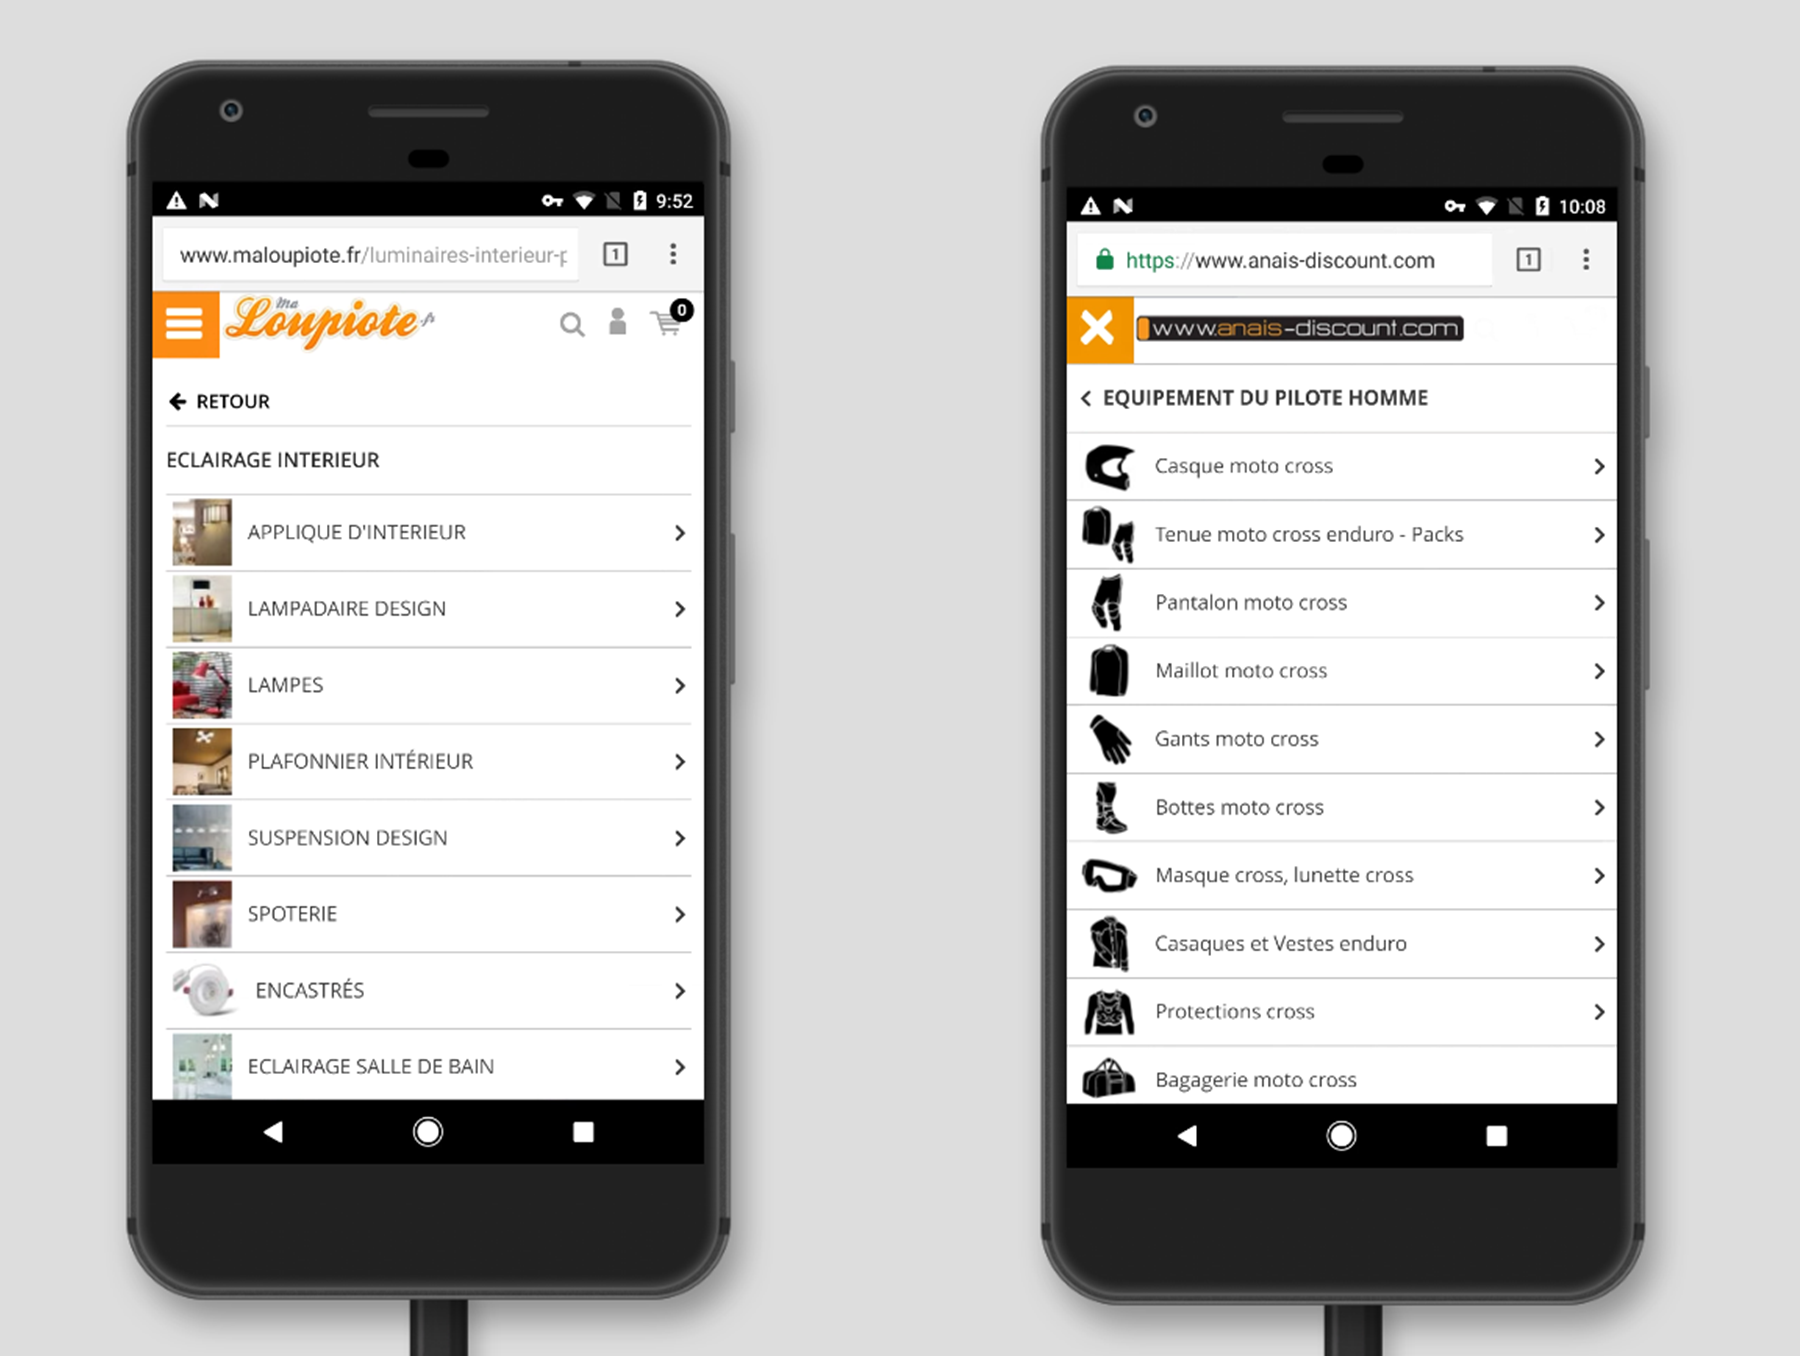 mobile.de mobil version